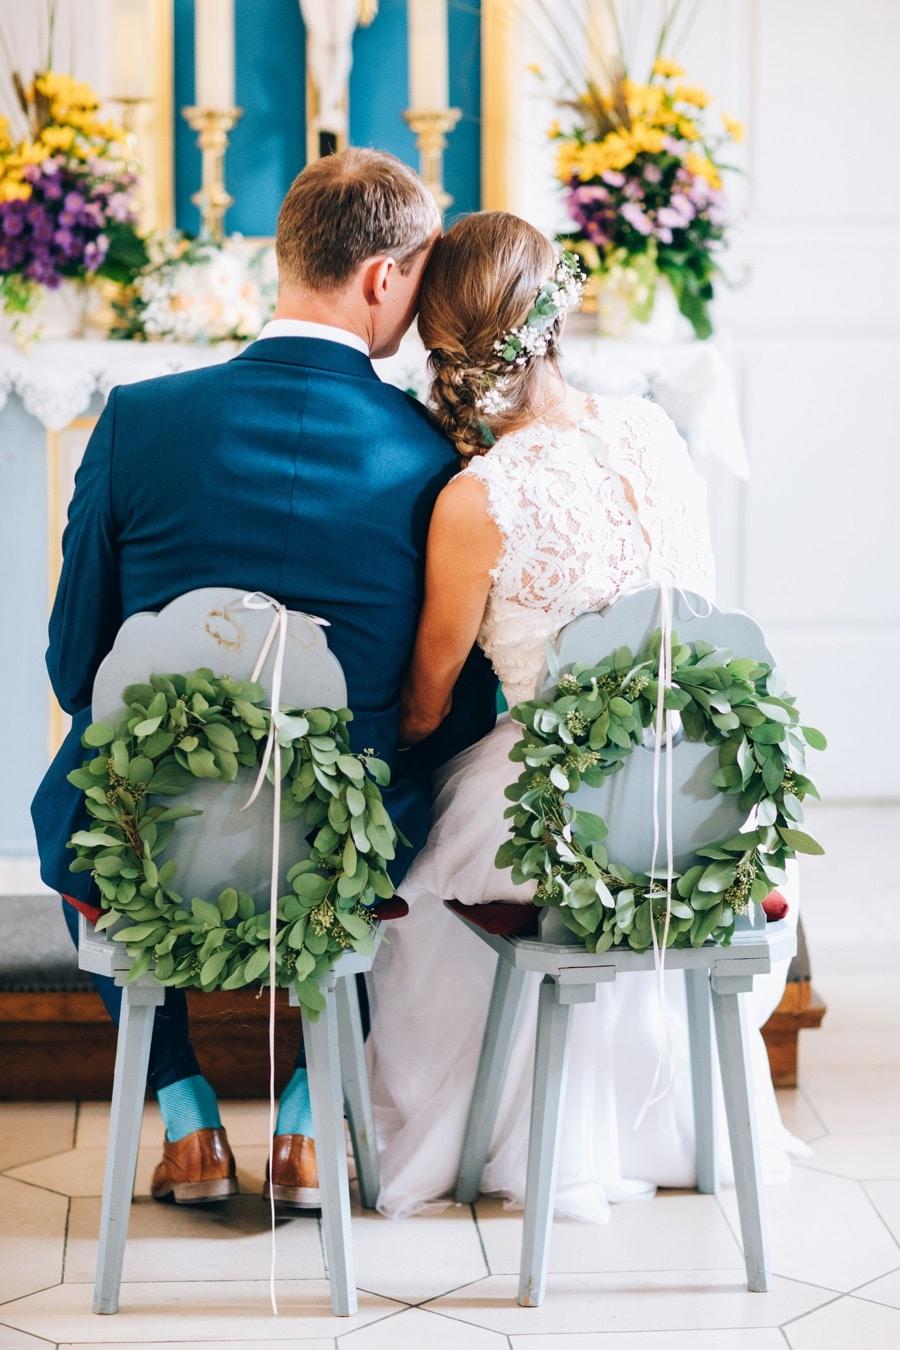 Boho Hochzeit in Weiß und Grün auf Burg Abenberg bei Nürnberg